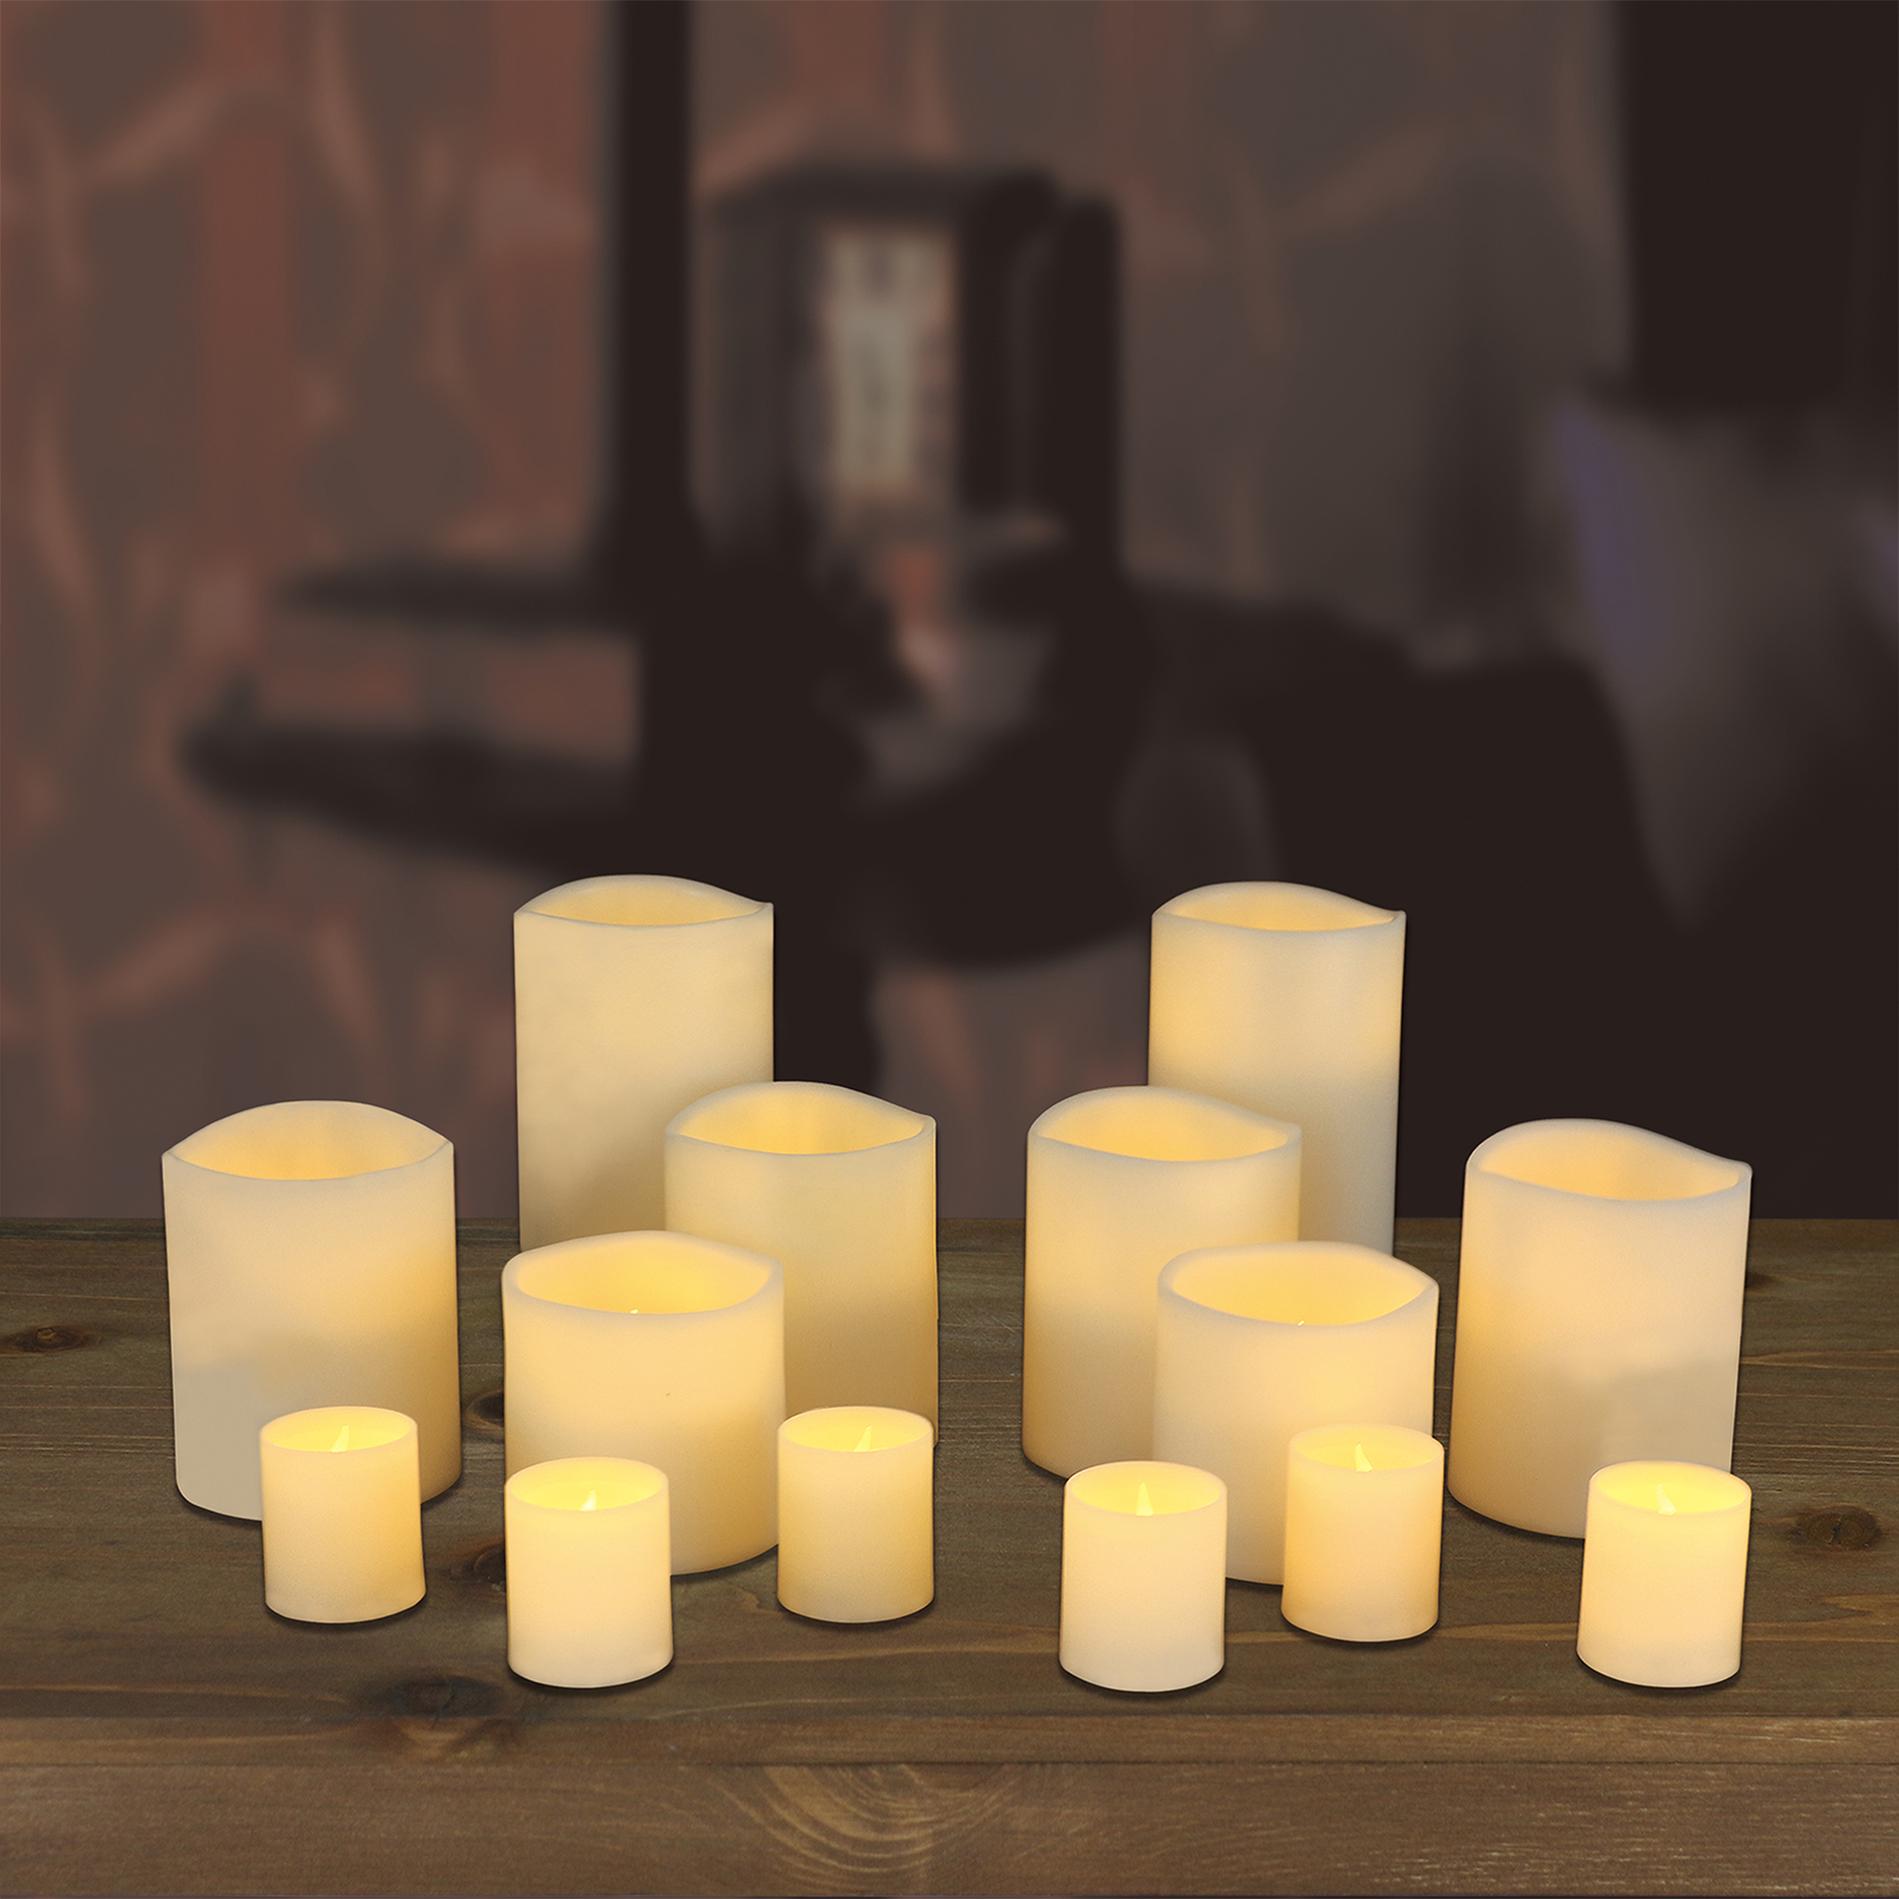 14 Piece LED Candle Set